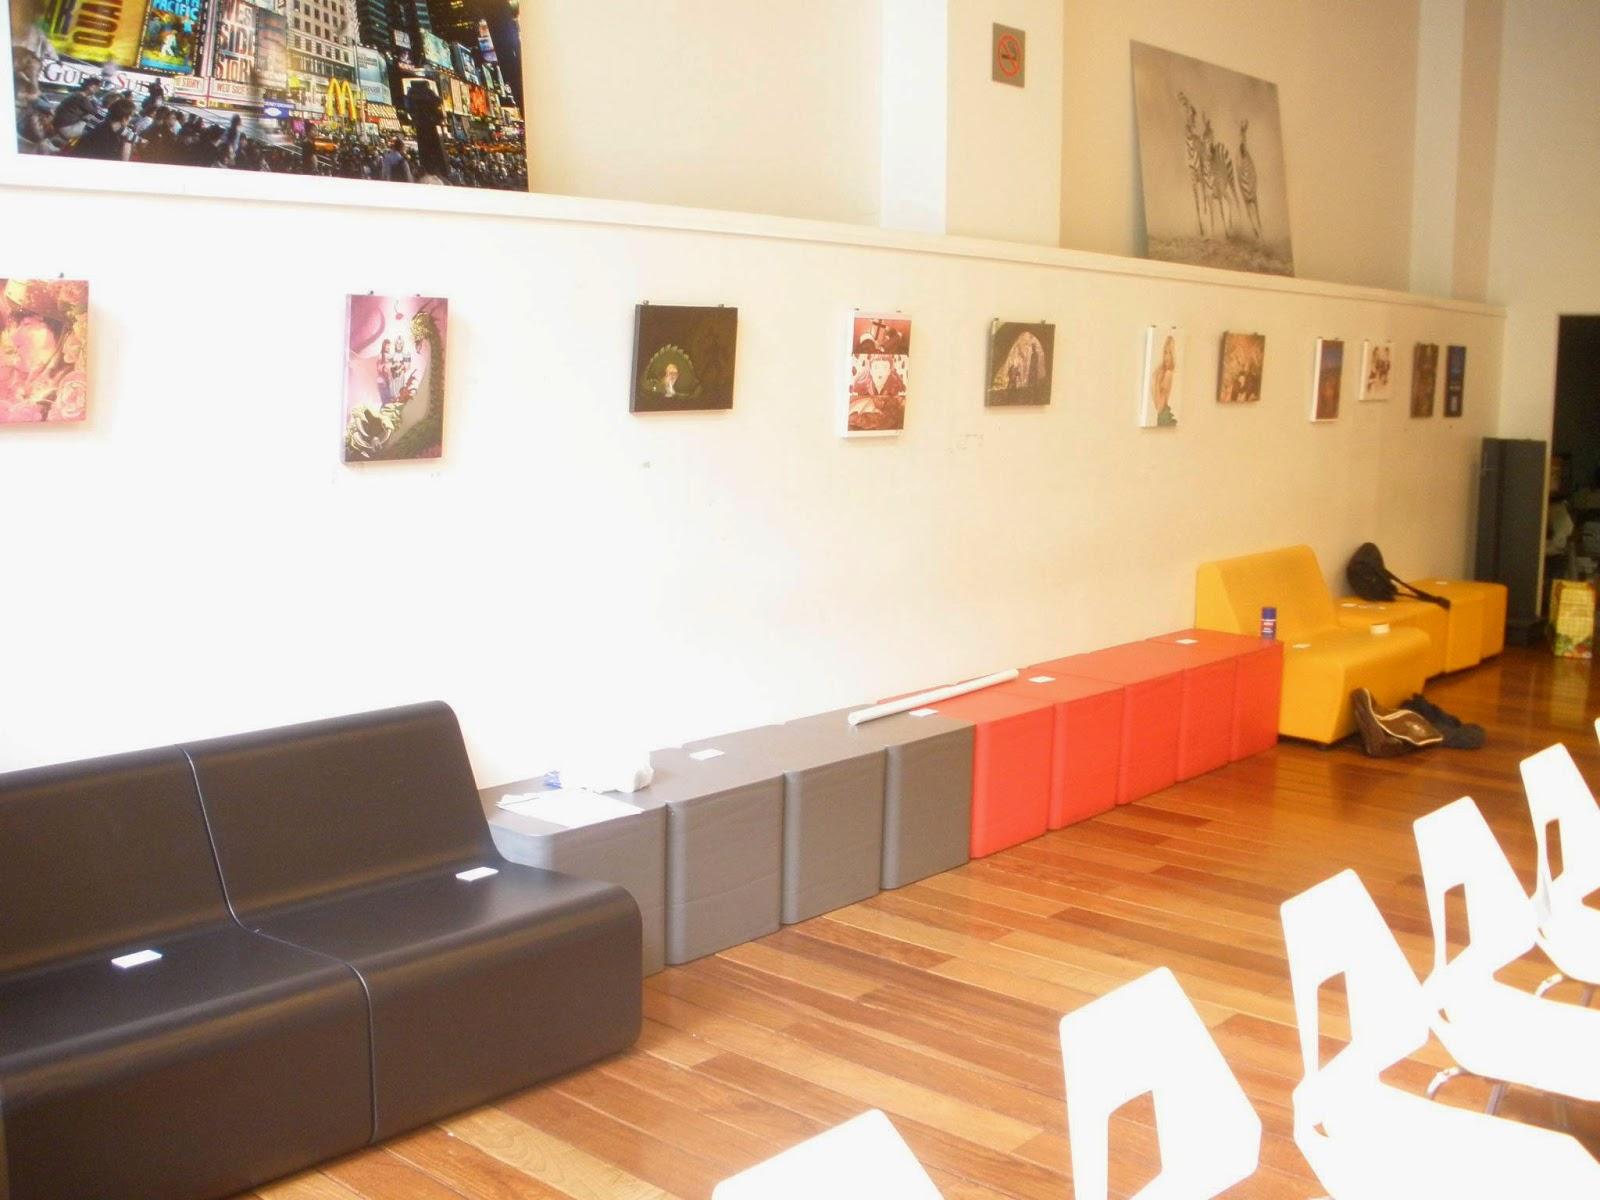 sala d'exposició de San Jordi 2014 en la casa del llibre de rambla catalunya